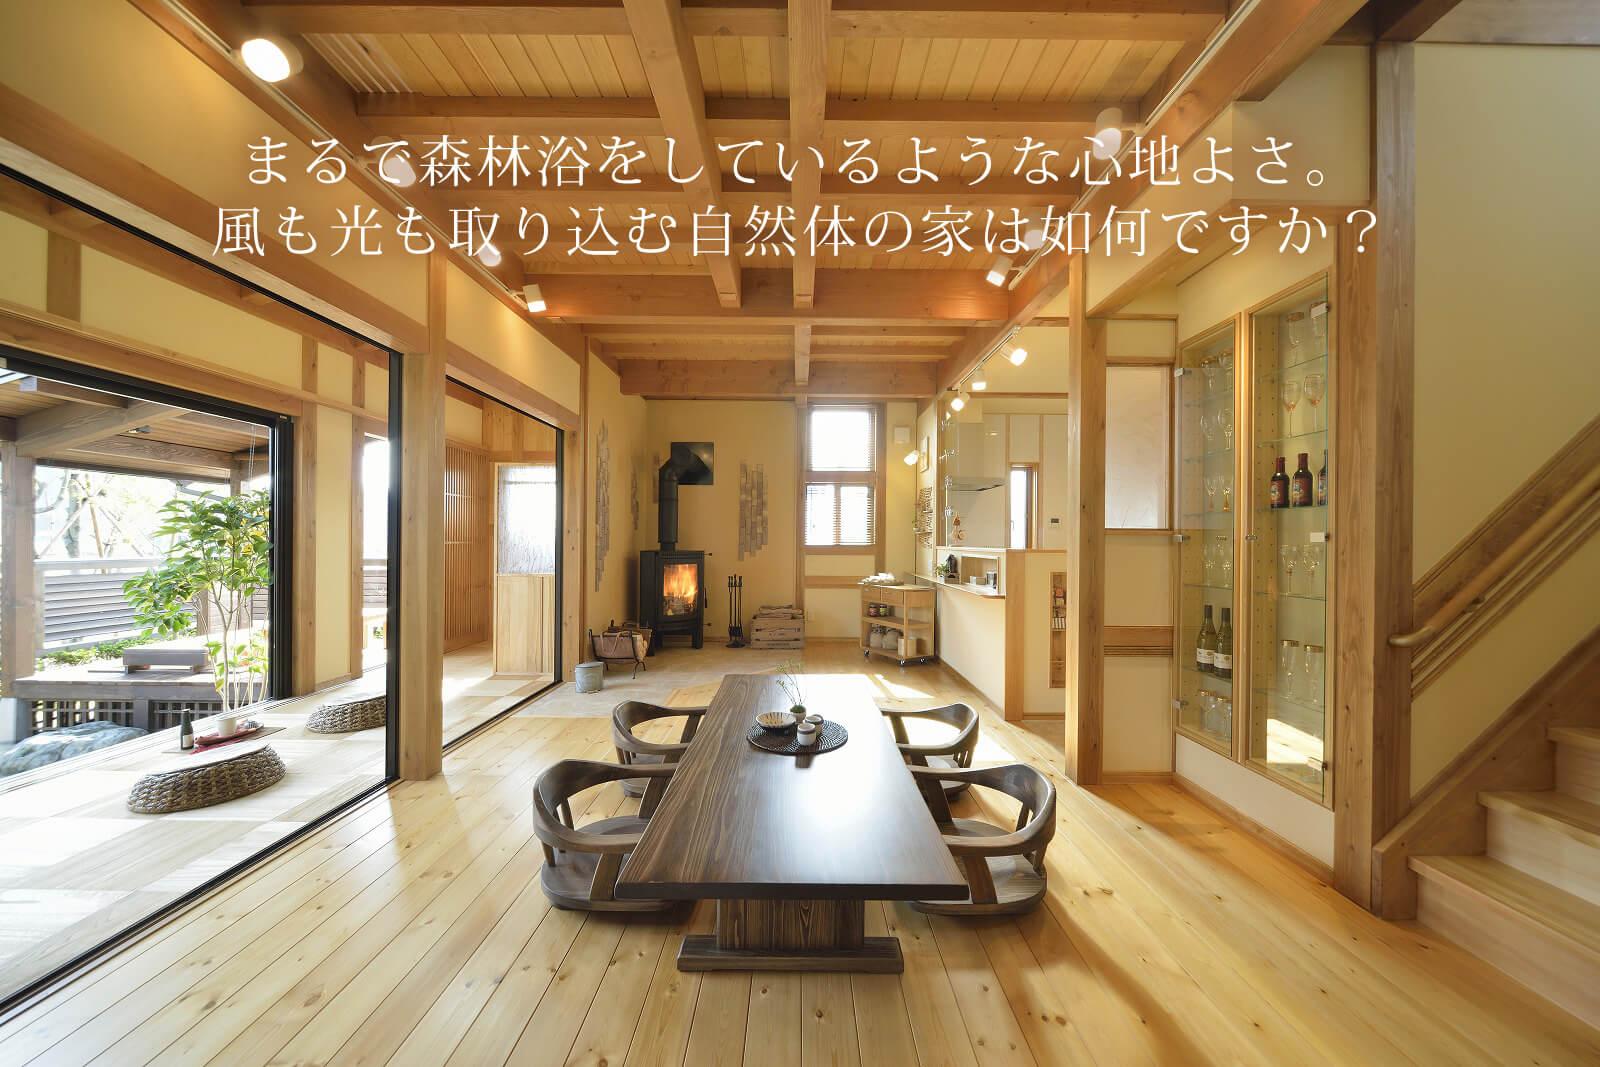 まるで森林浴をしているような心地よさ。風も光も取り込む自然体の家は如何ですか?